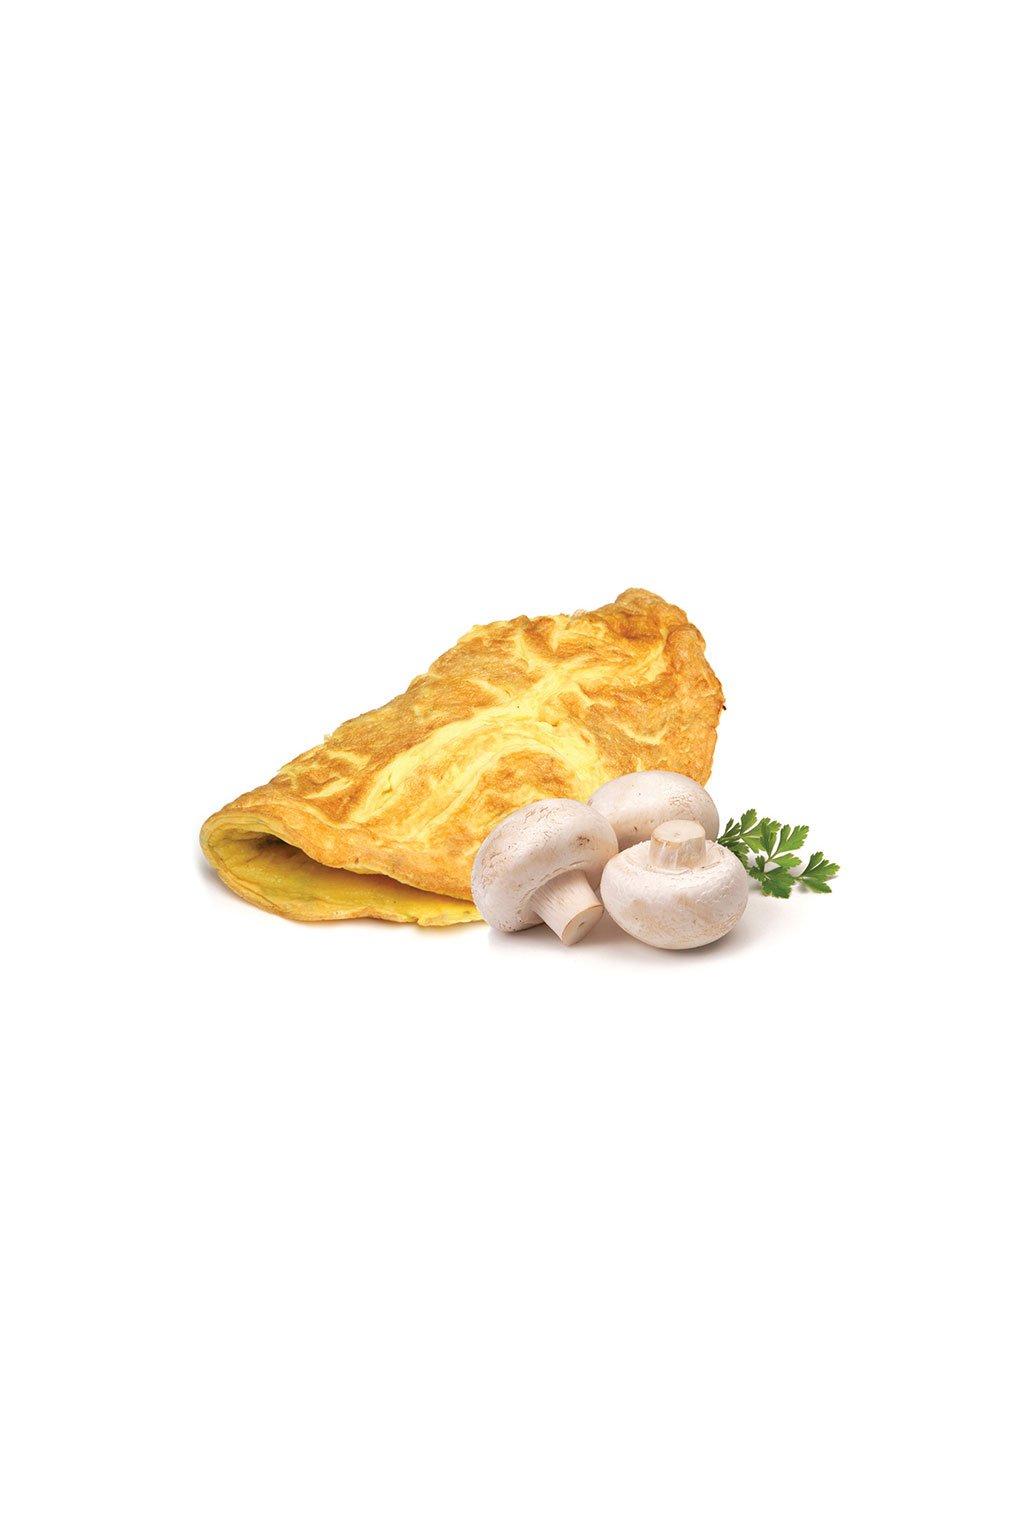 Šampiňónová proteínová omeleta 40g (1porcia)